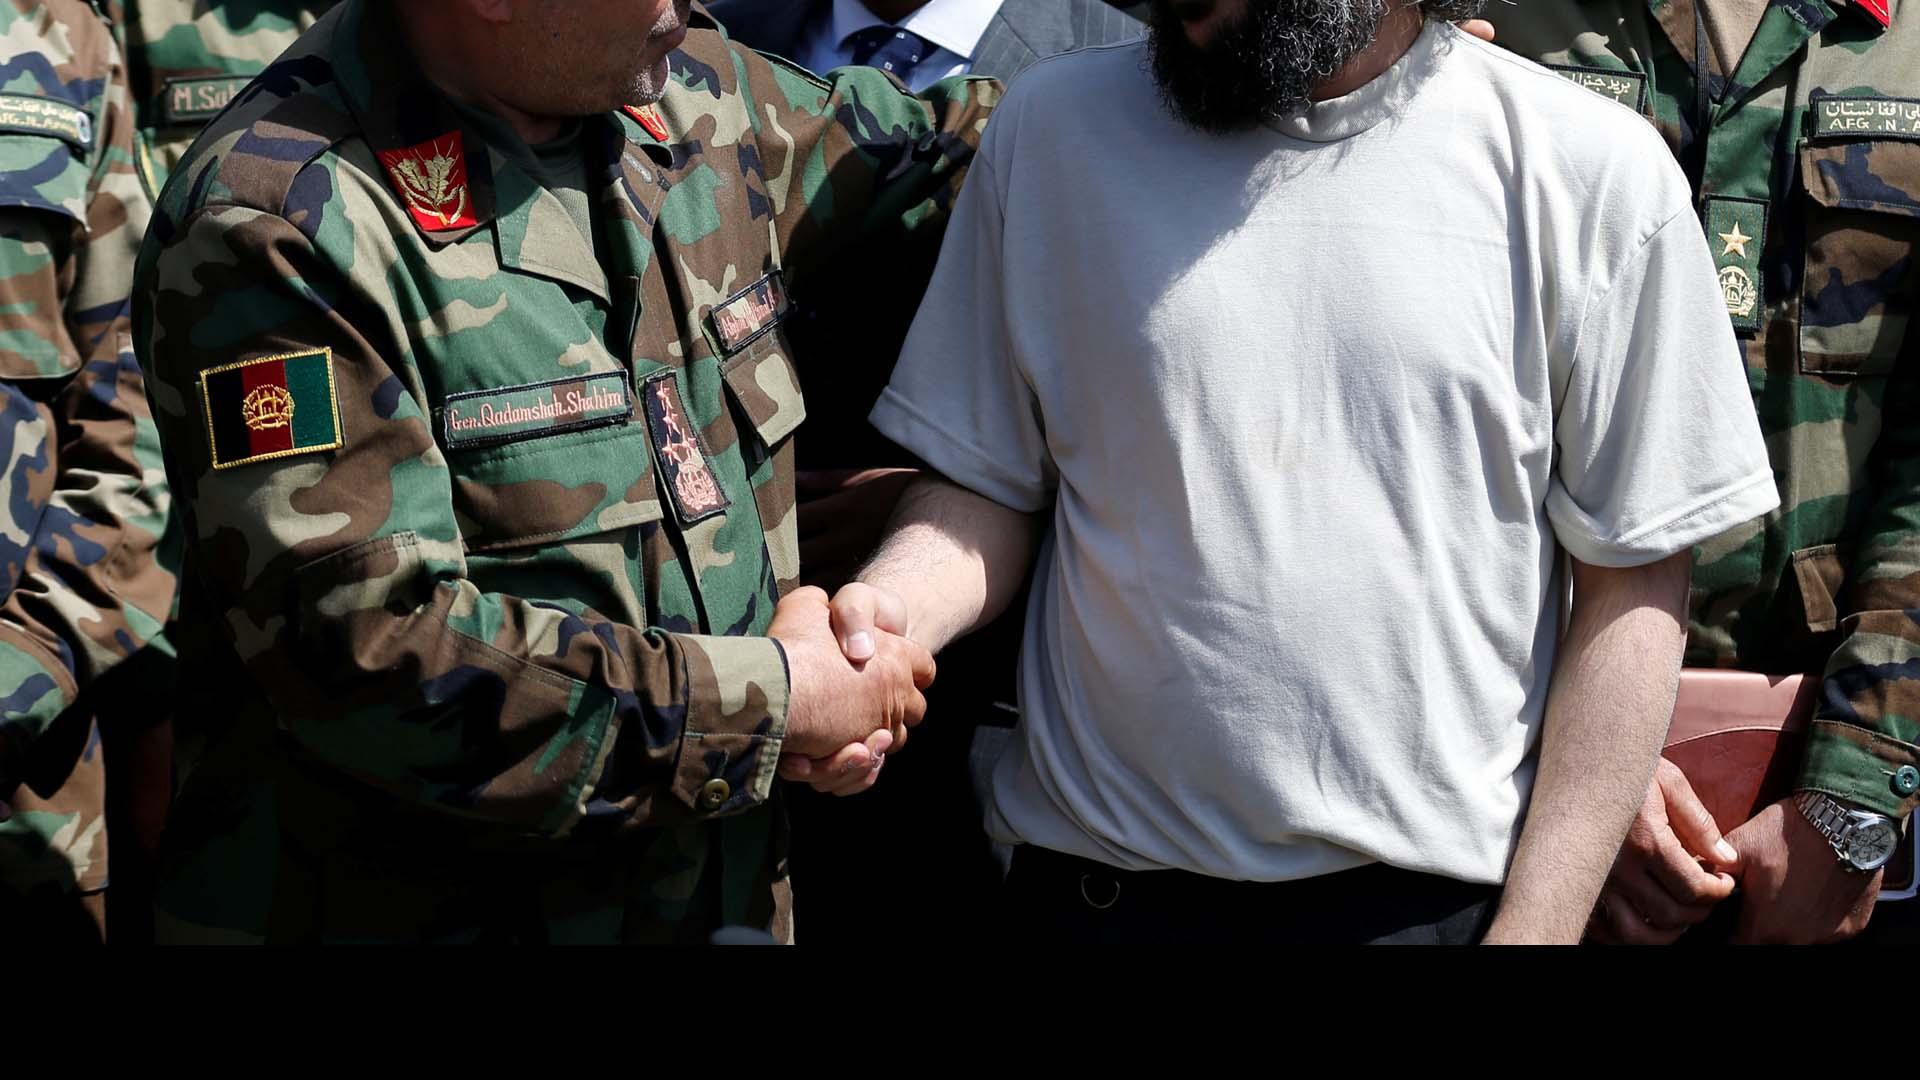 El Ejecutivo proporcionaría impunidad al líder terrorista Gulbuddin Hekmatjar, responsable de la muerte de miles de civiles